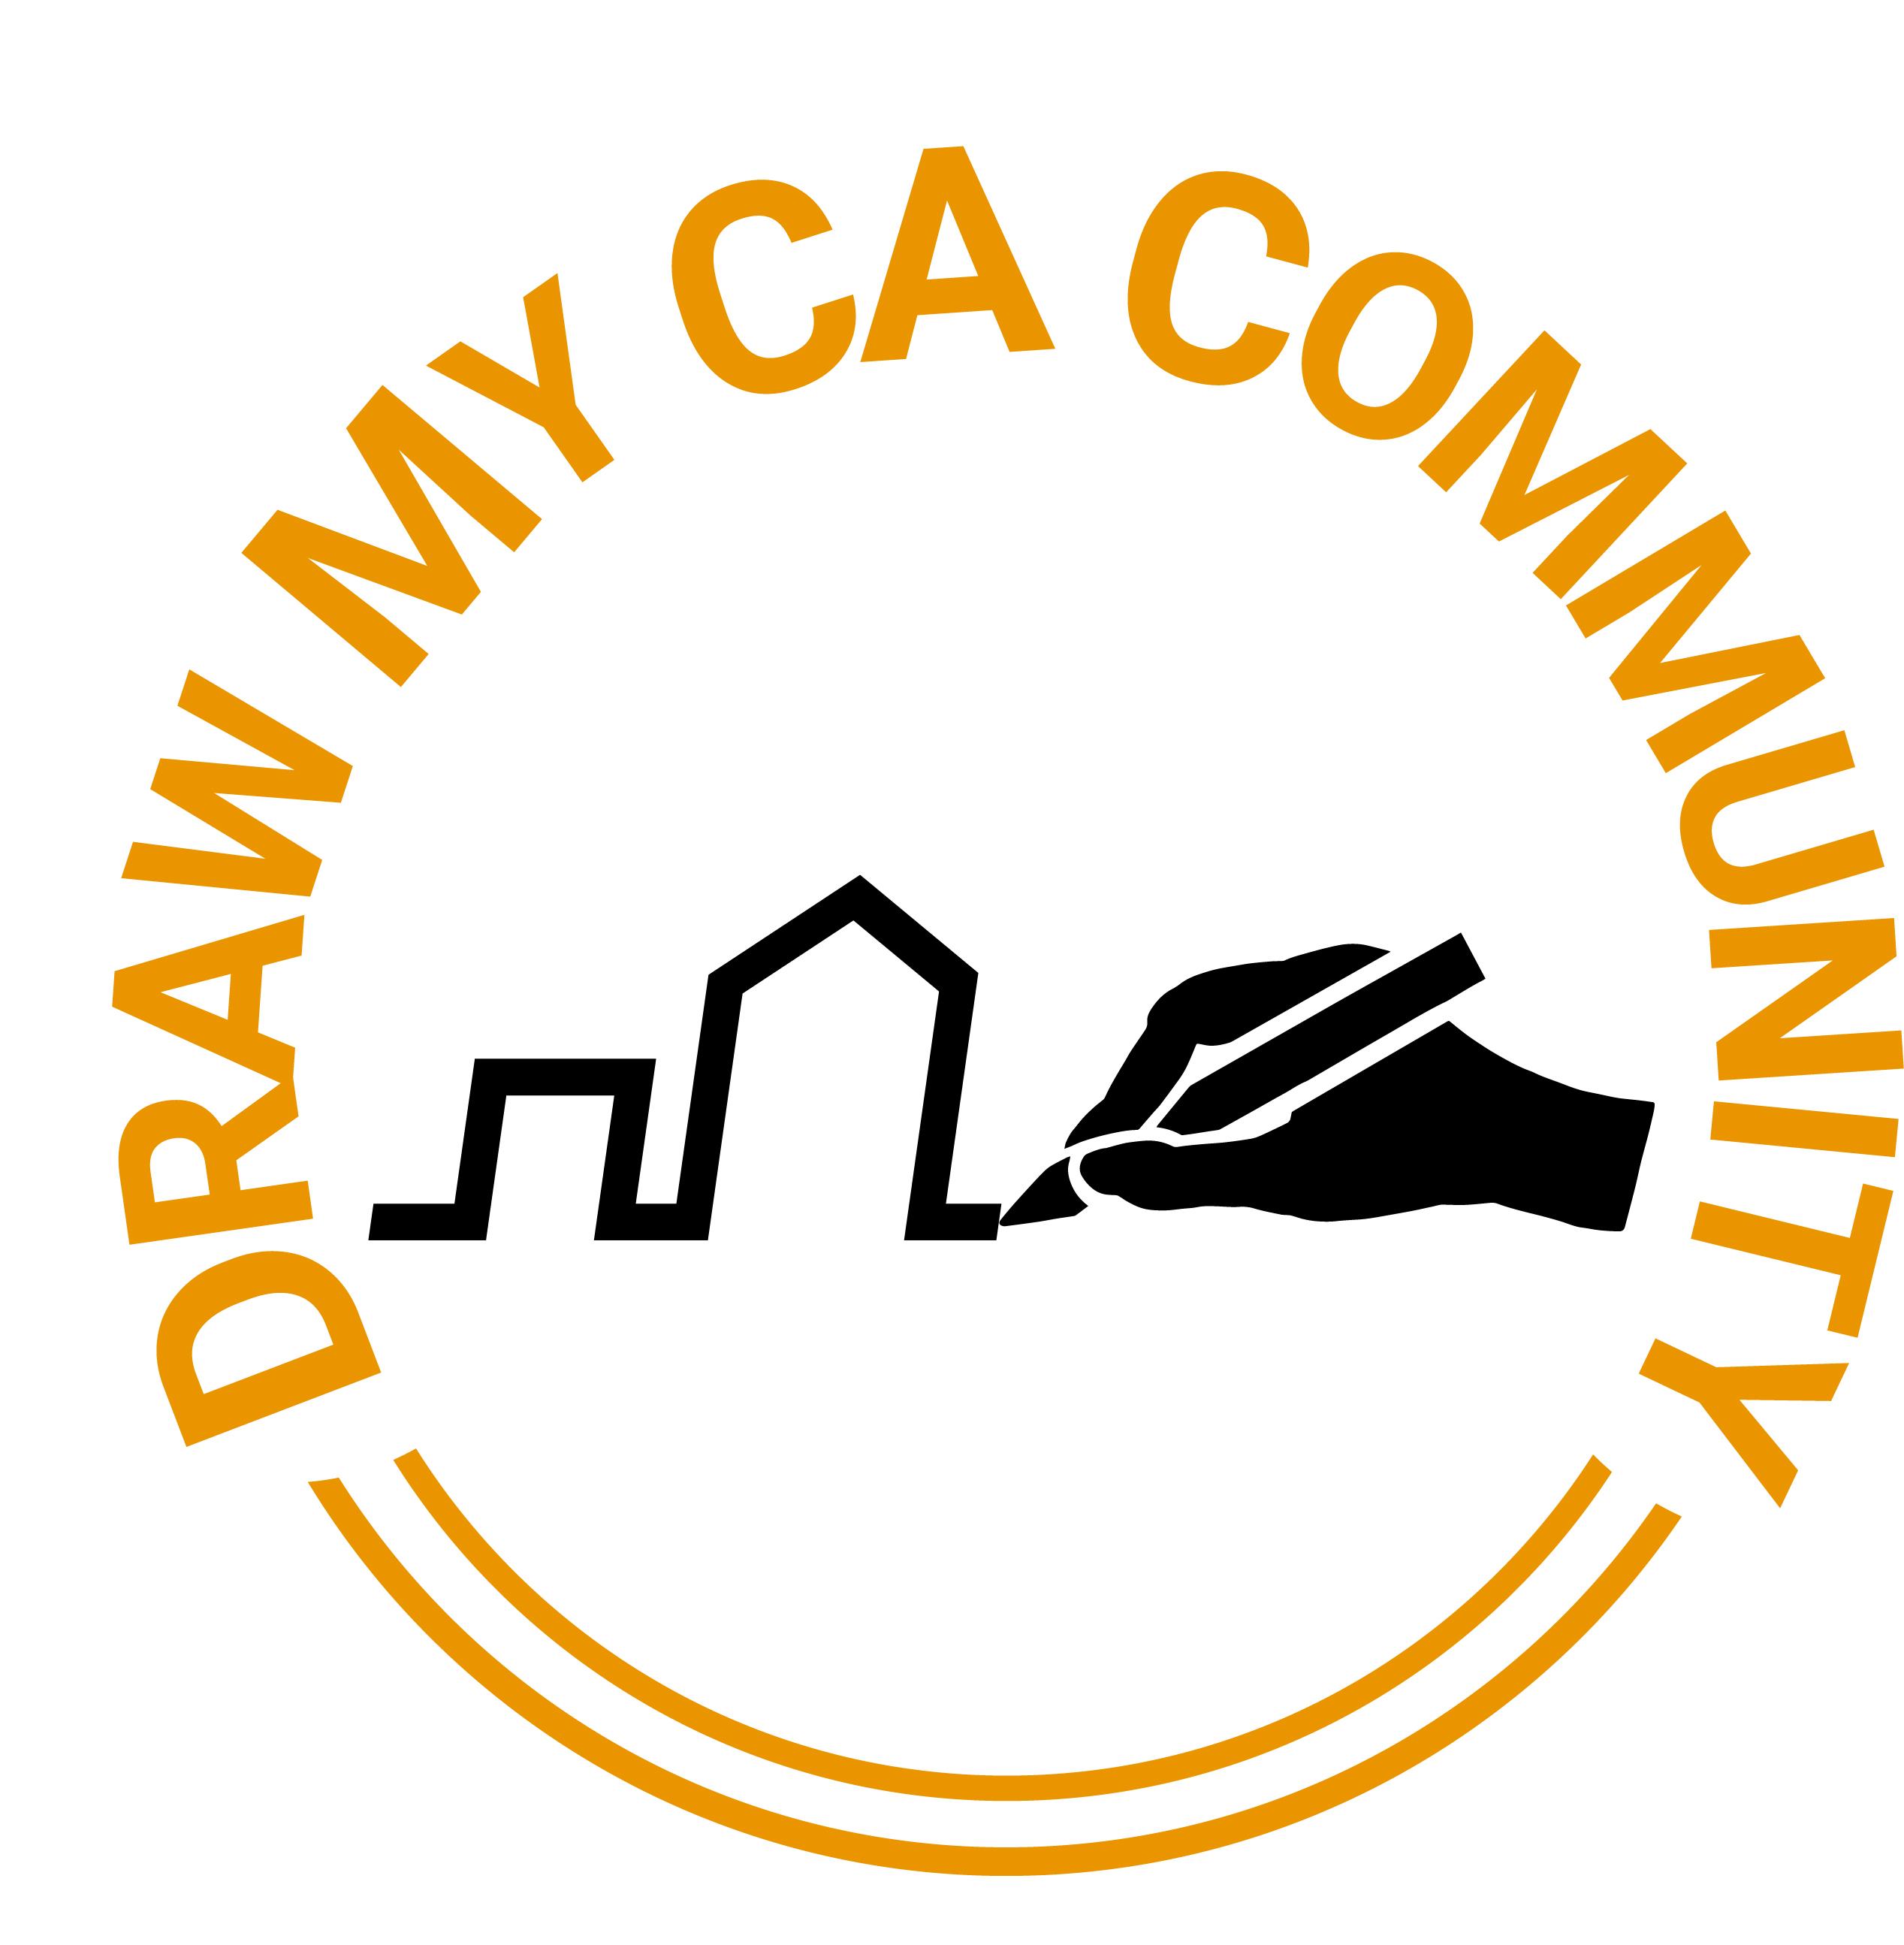 drawmycacc logo